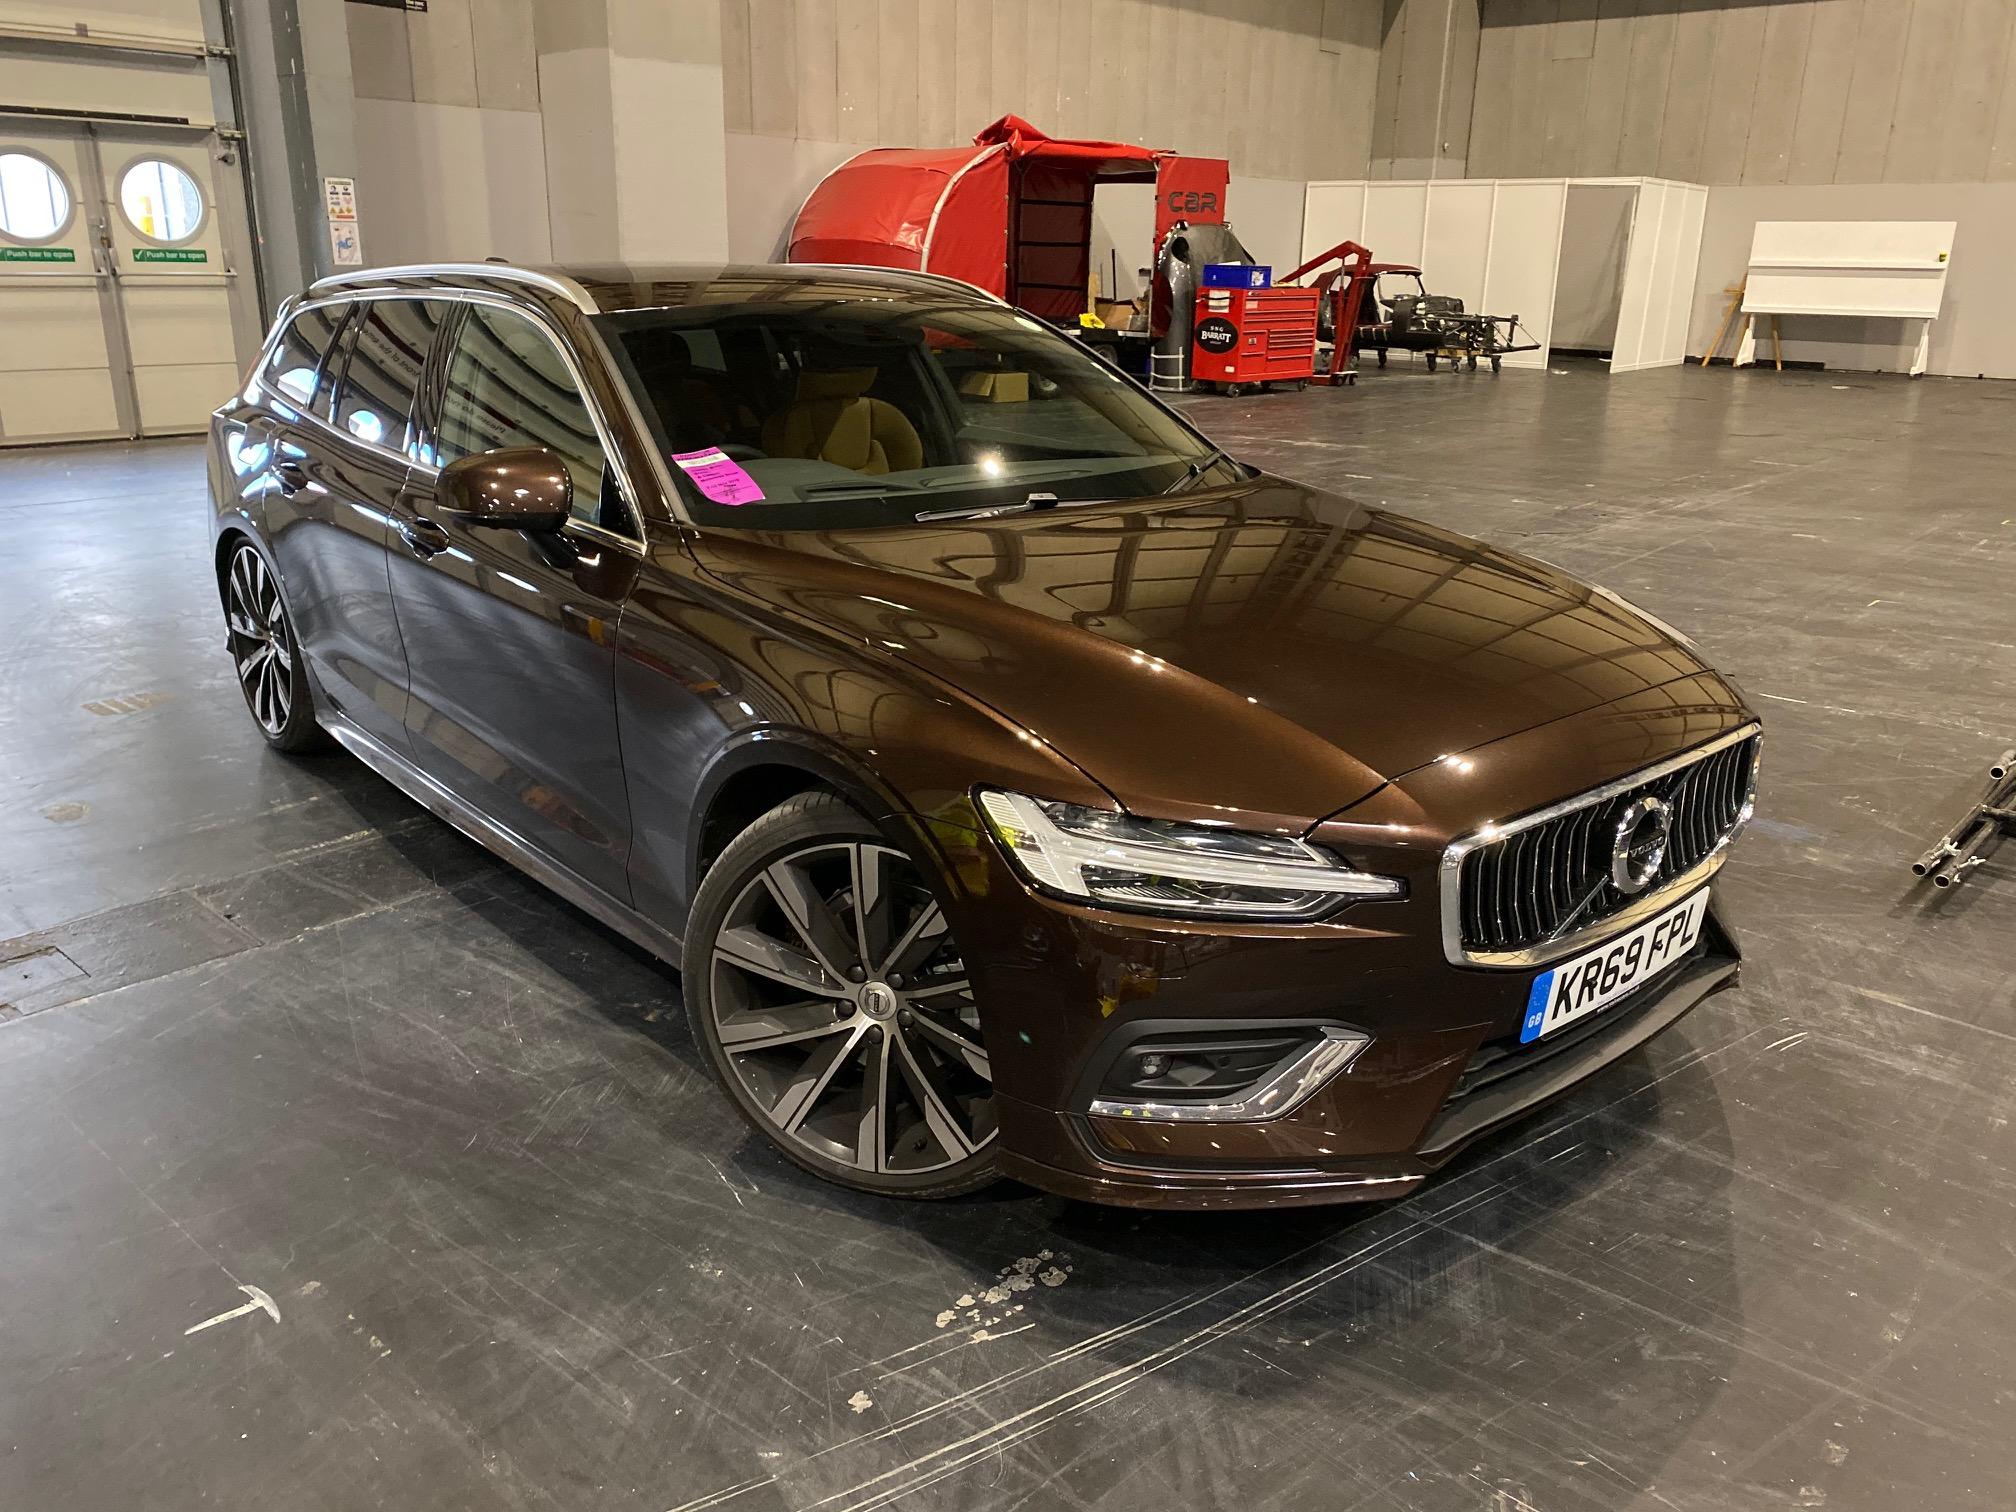 The V60 is the smallest estate in Volvo's range